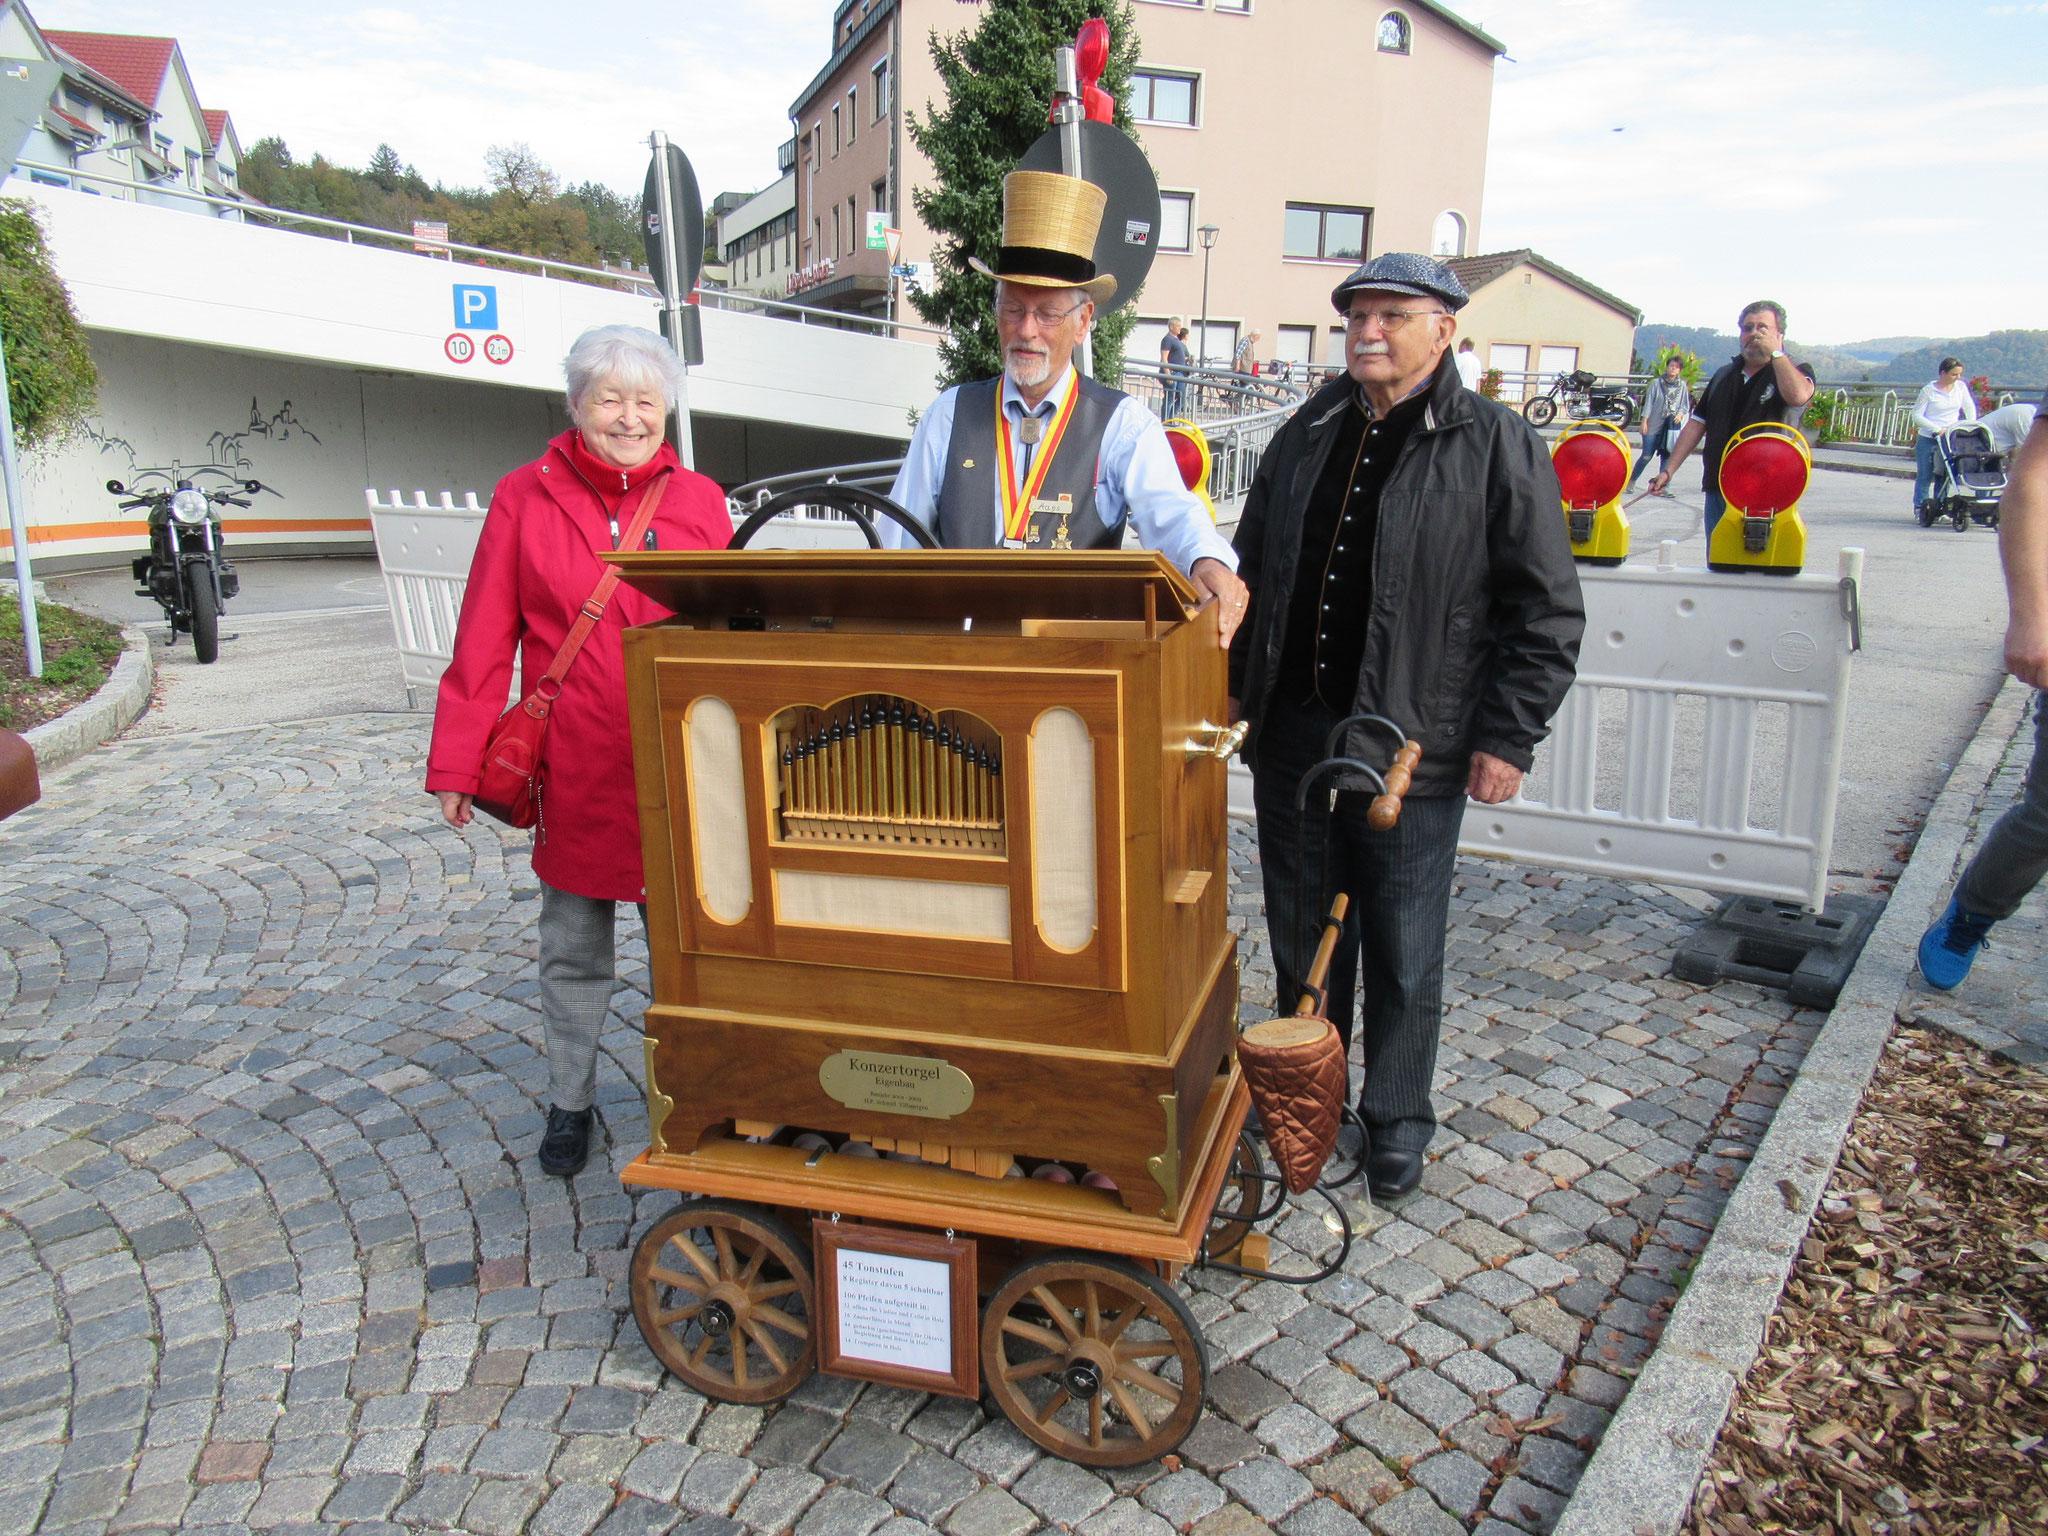 Hoher Besuch beim Apfelmarkt: Cecile und Kurt Mohn